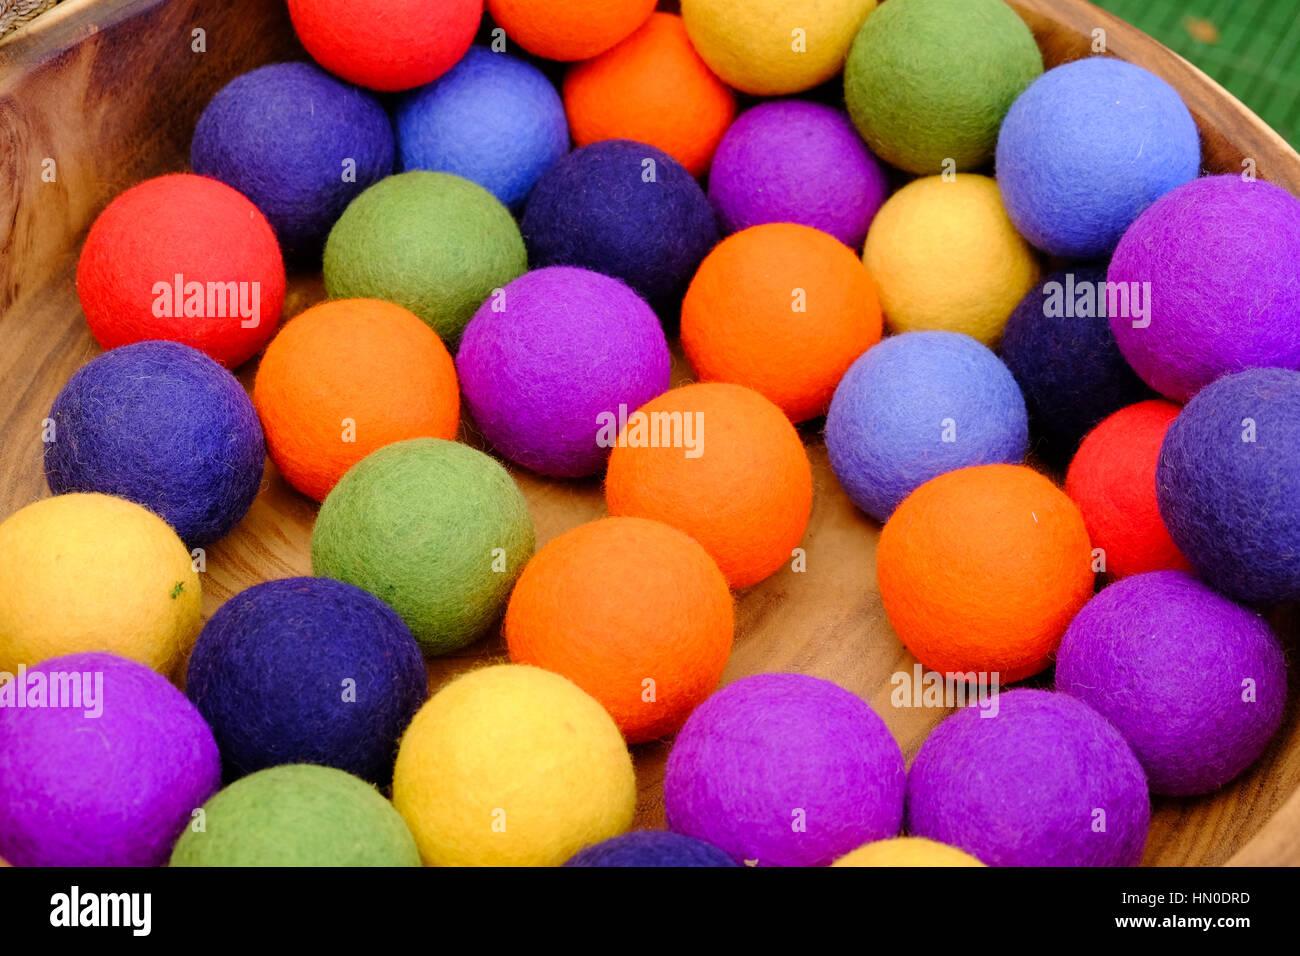 Las bolas de fieltro de colores brillantes para la venta en una bandeja  Imagen De Stock c5418f26d1676